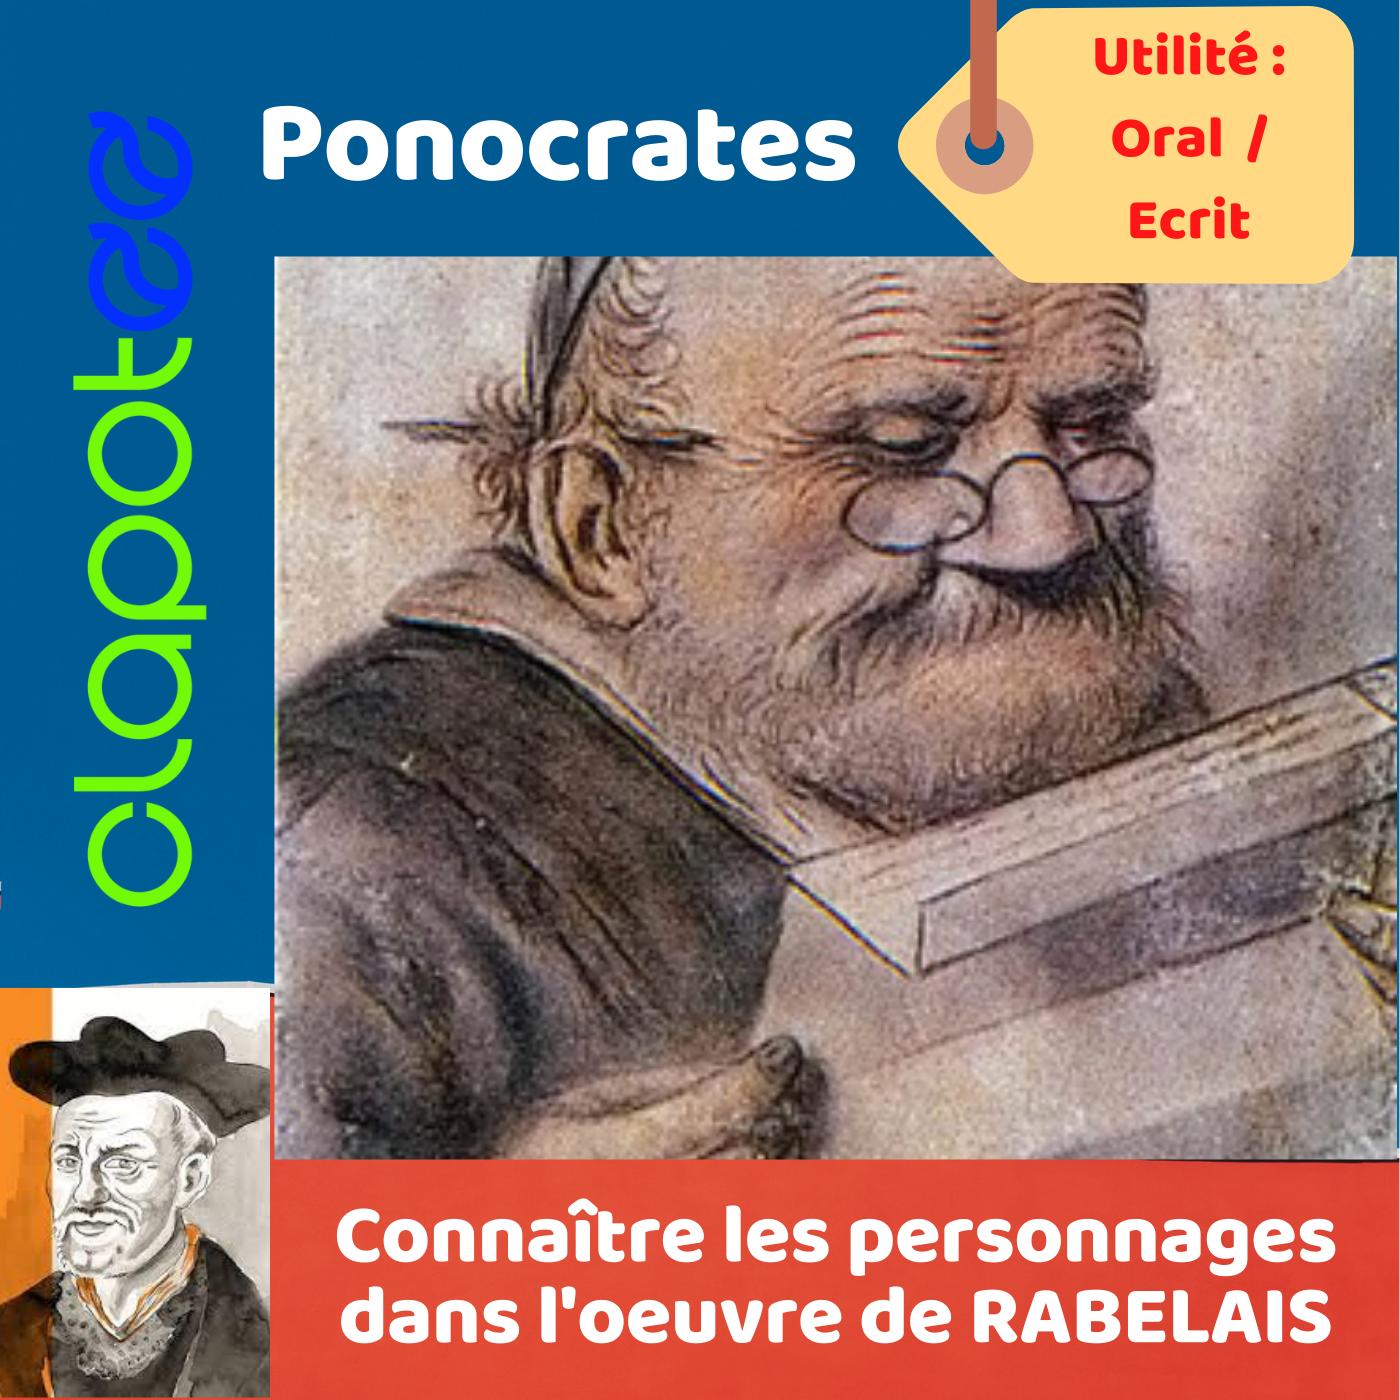 PONOCRATES, le précepteur humaniste dans l'oeuvre de RABELAIS.